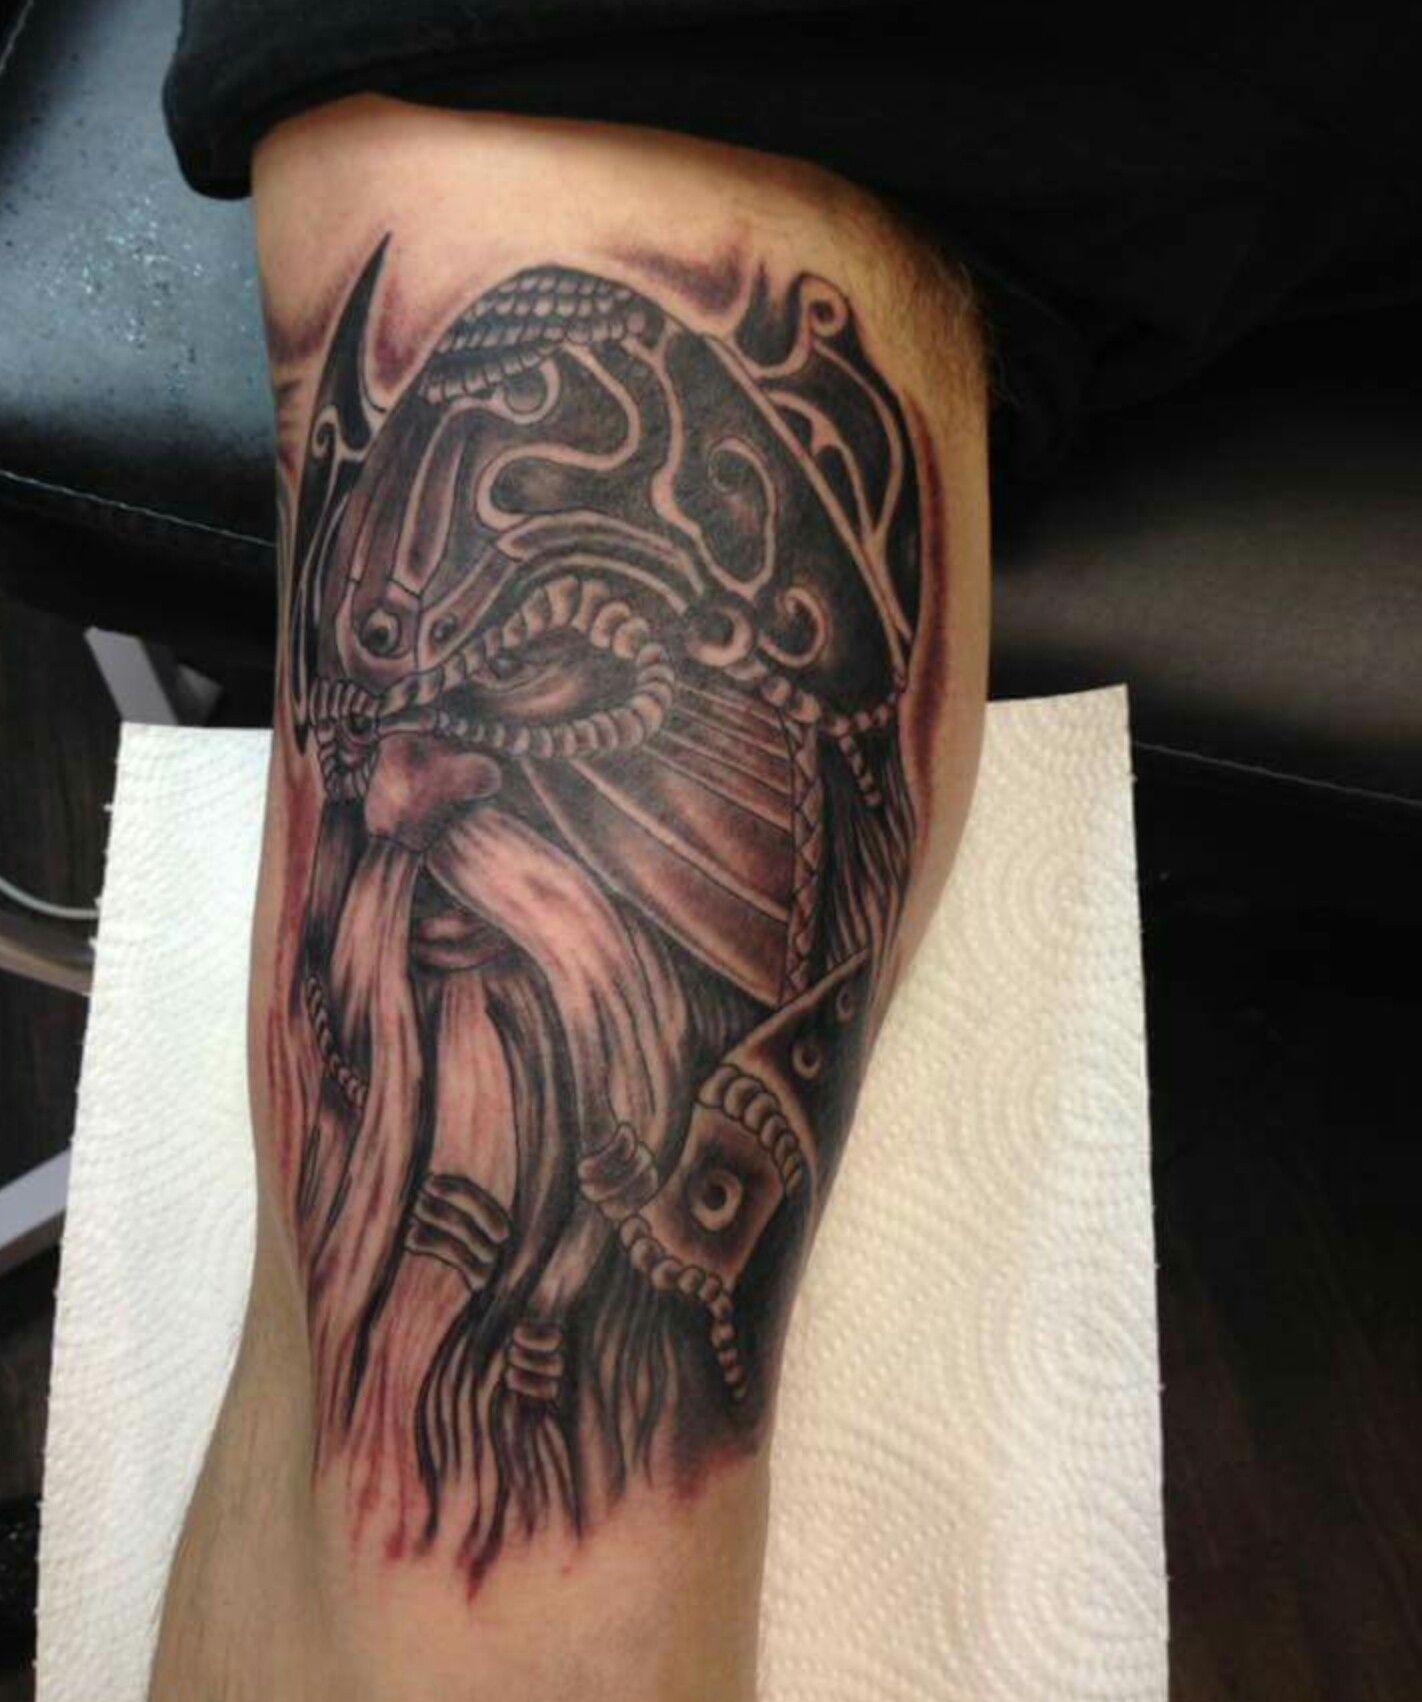 Pin von Der Sylter auf Tattoos für mich. Tattoos